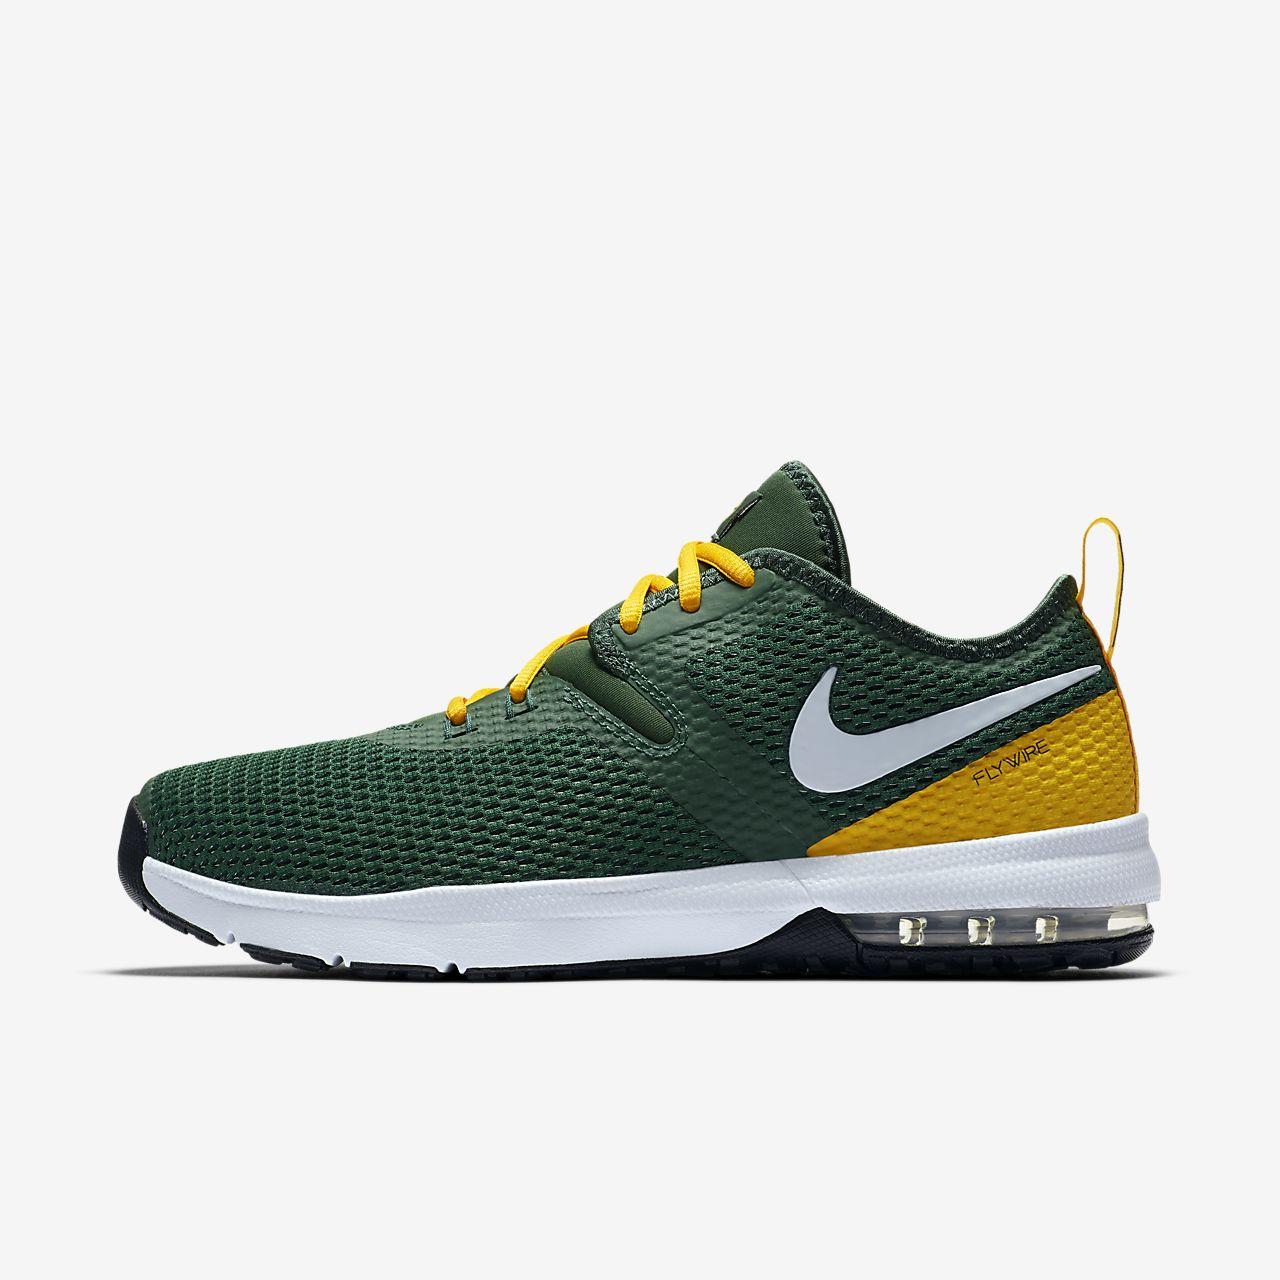 a62e6a296 Nike Air Max Typha 2 (NFL Green Bay) Men s Gym Gameday Shoe. Nike.com